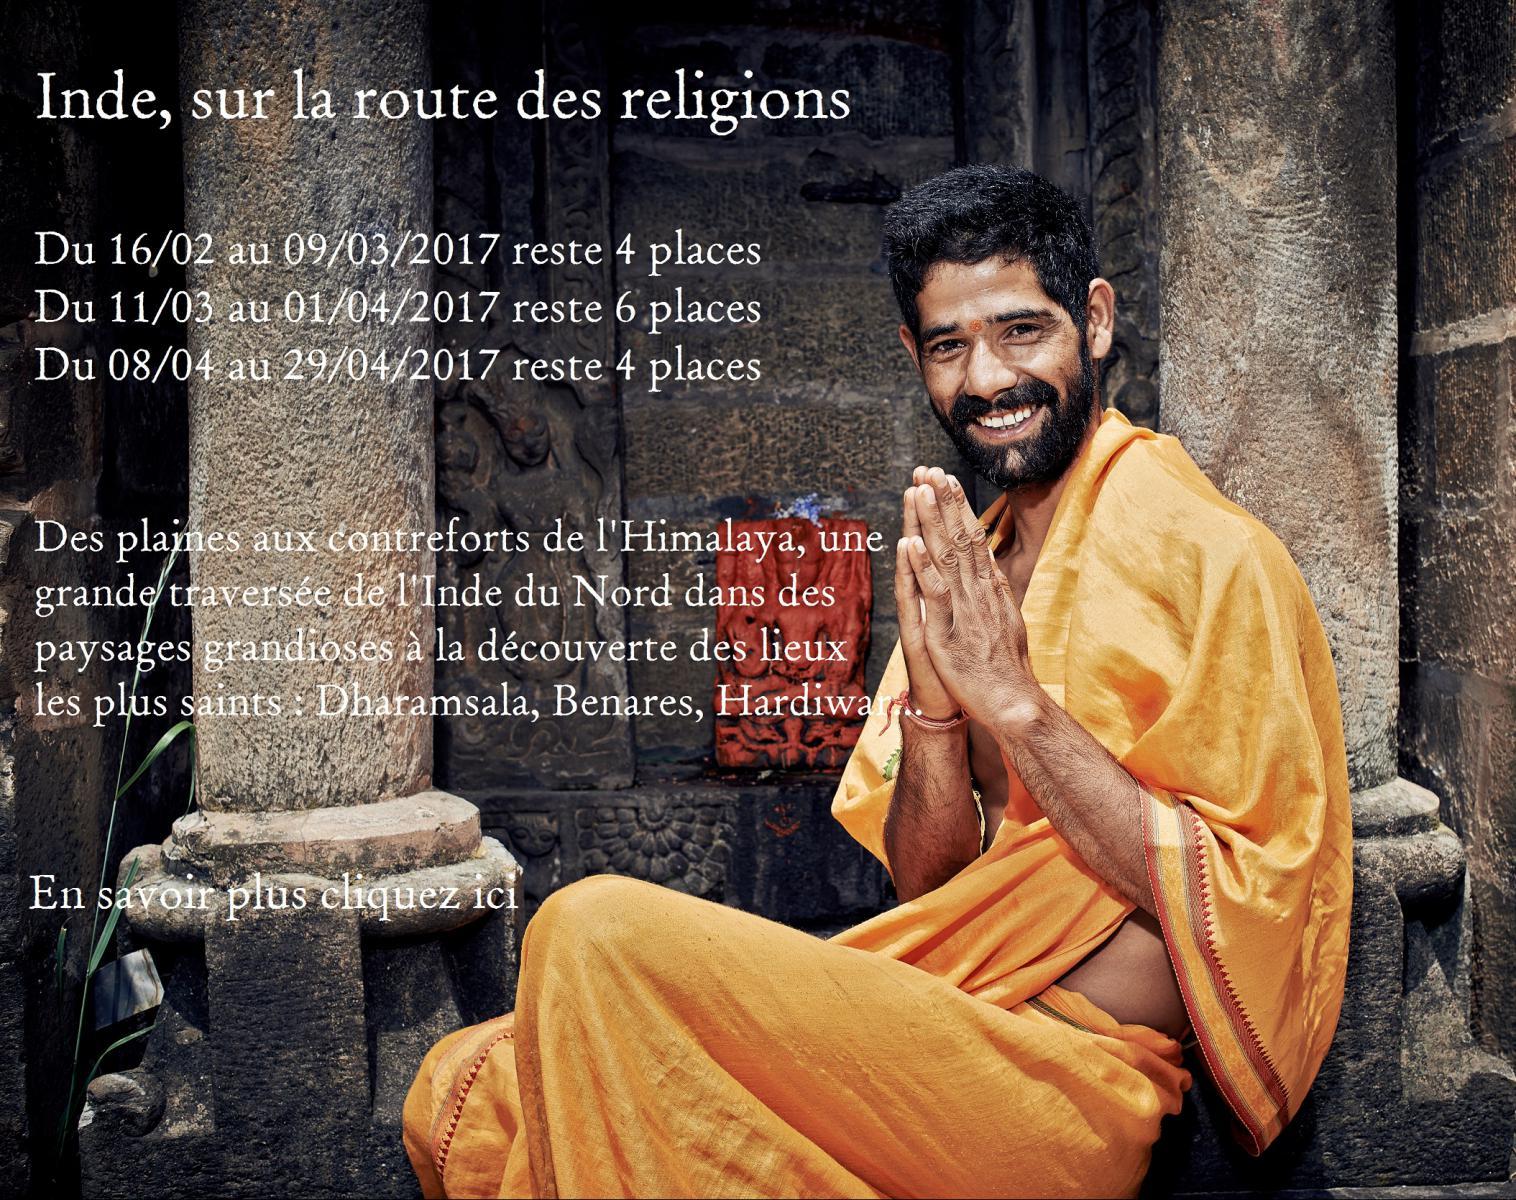 L'Inde, sur la route des religions